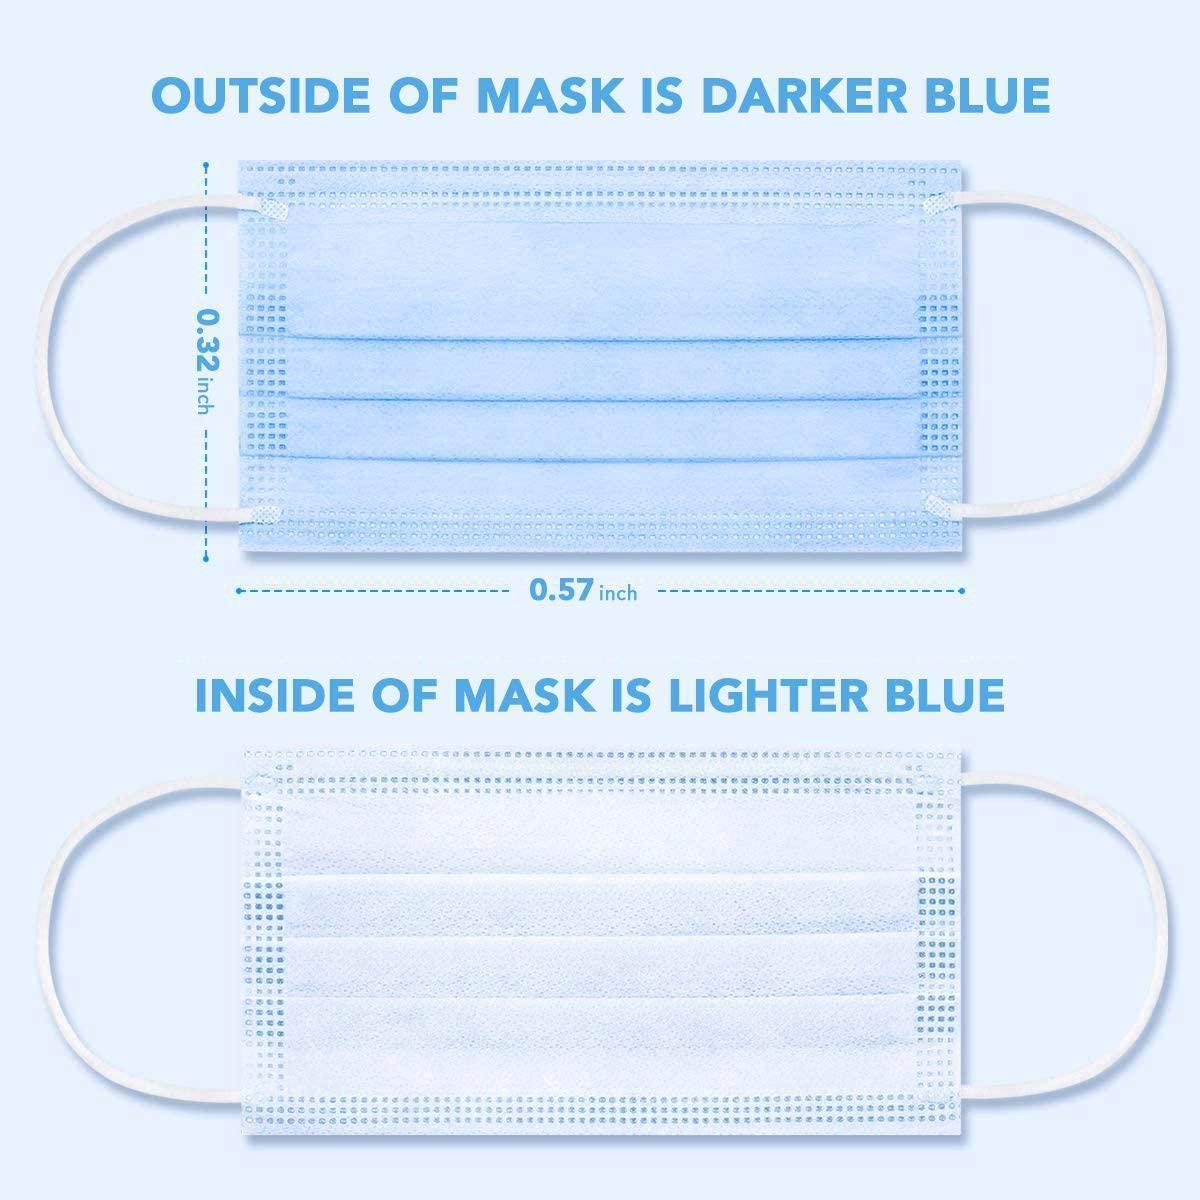 3 лица JUTN фильтр маска маска маска Слои одноразовые нанофибры для и защита от пыли Мягкие ранры 3 слои безопасности с эластичным EL L WDVC